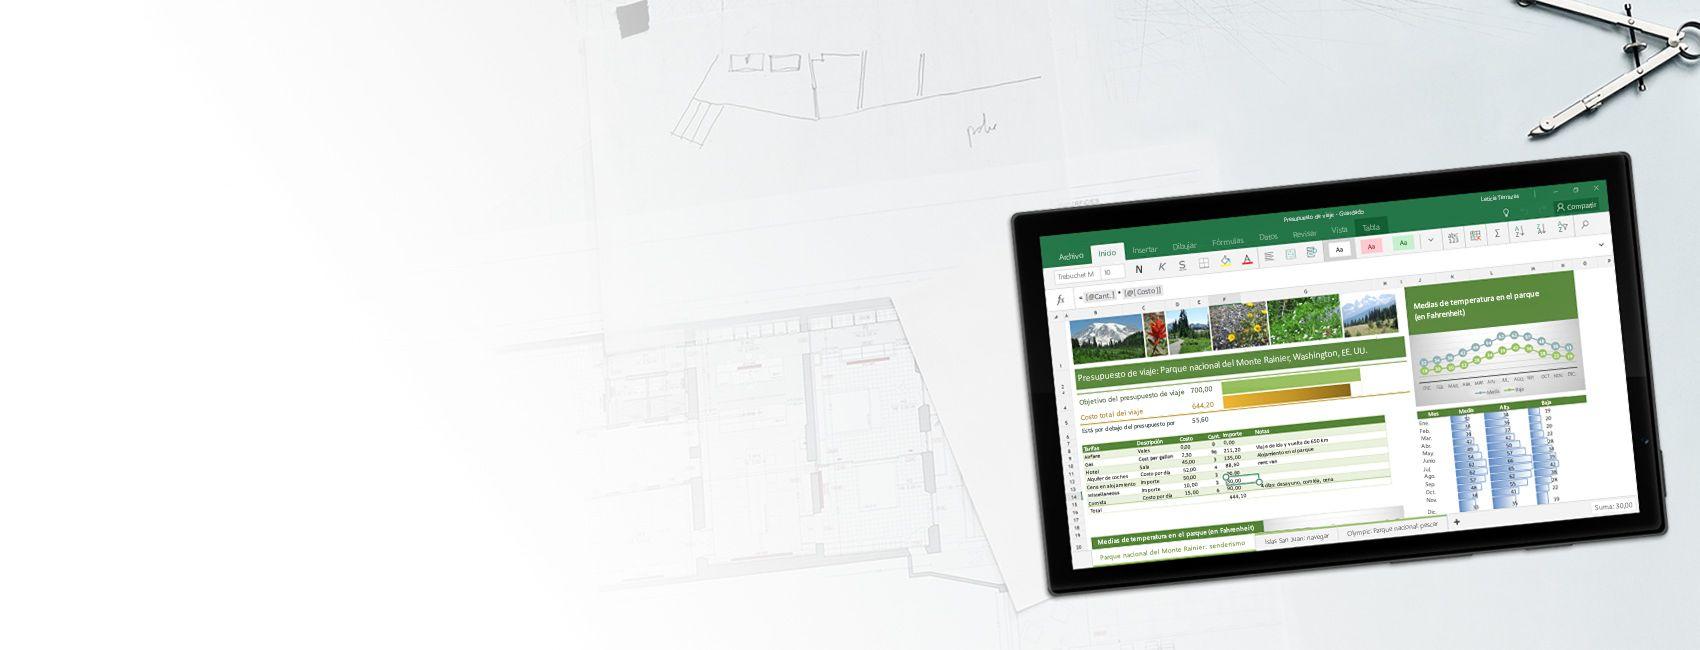 Tableta Windows en la que se muestra una hoja de cálculo de Excel con un gráfico de muestra e informes de presupuesto de viajes en Excel para Windows 10 Mobile